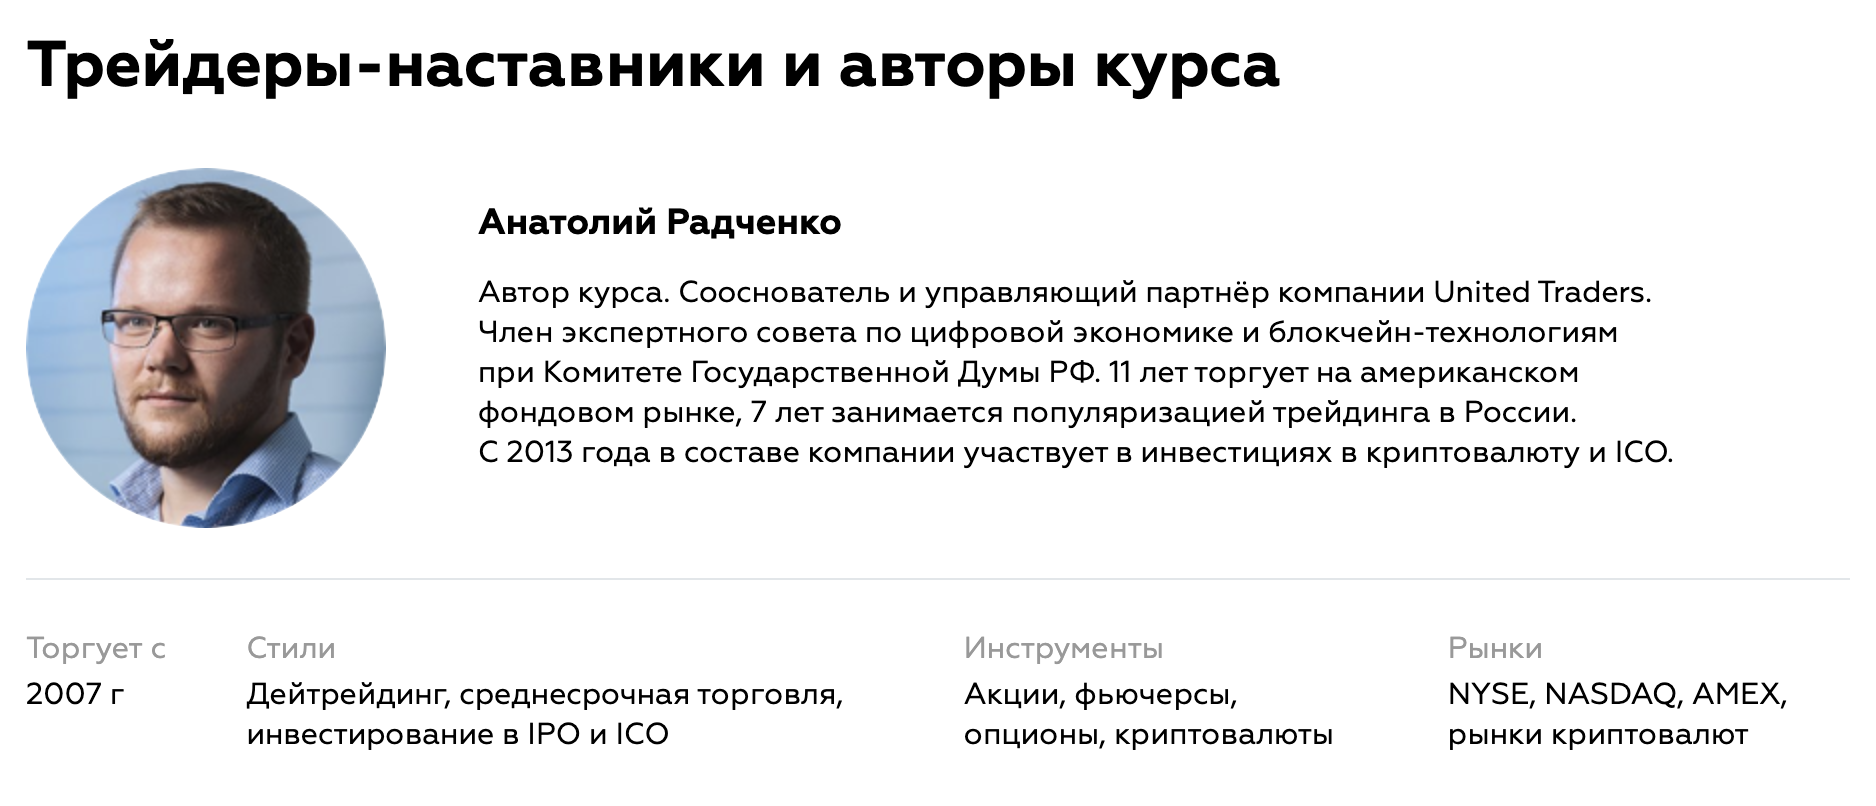 Описание одного из курсов «Юнайтед-трейдерс» приписывает Анатолию Радченко членство в экспертном совете при Госдуме РФ. Но на сайте совета я его не нашел